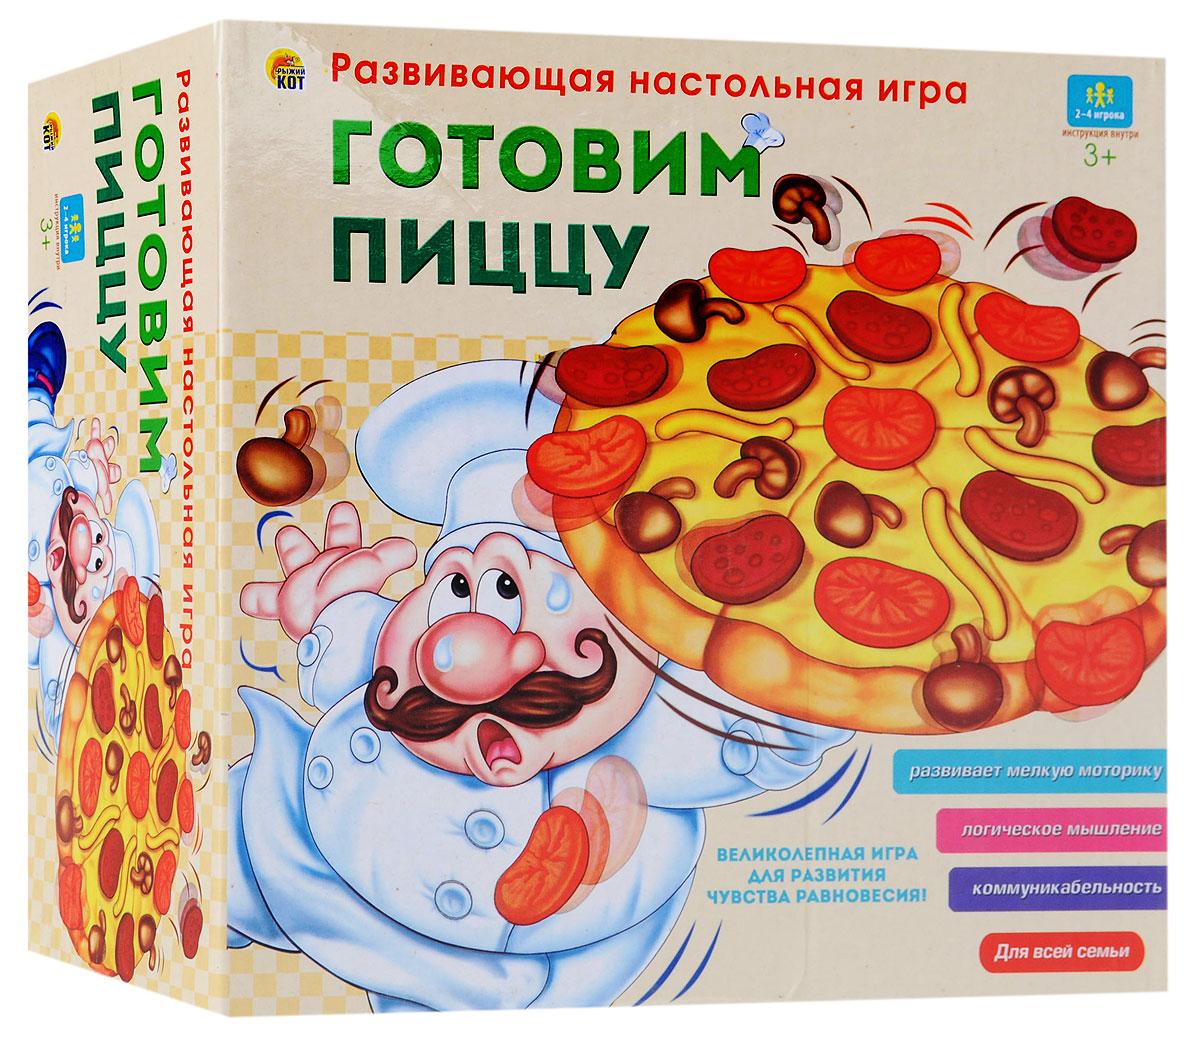 Рыжий Кот Развивающая настольная игра Готовим пиццу